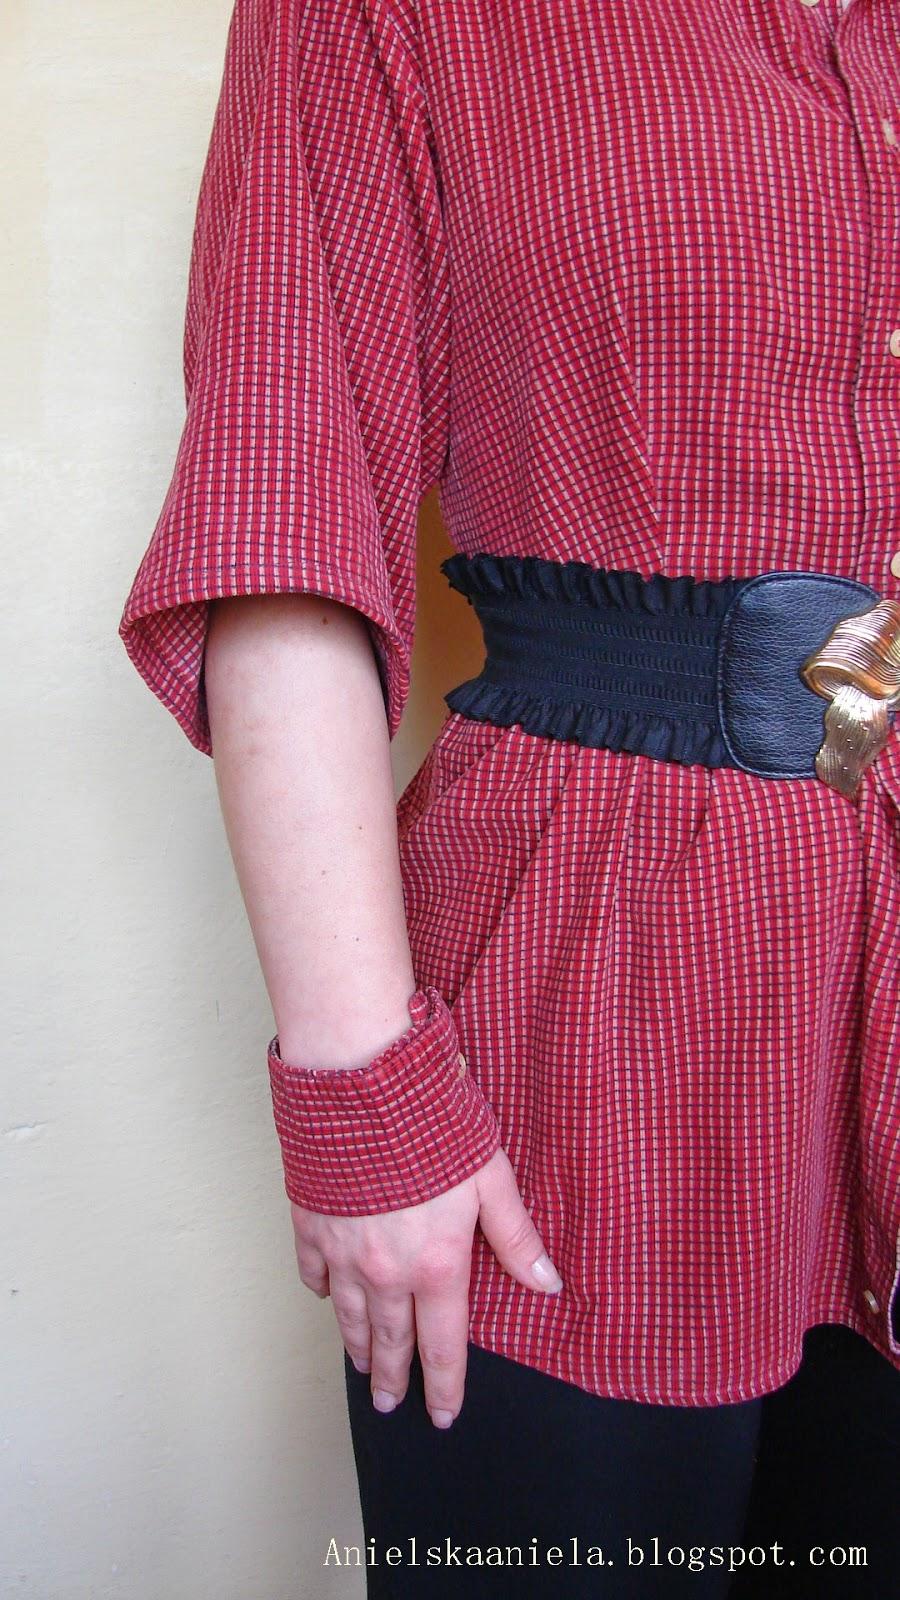 szycie-blog-sewing-refashion-handmade-zrób-to-sam-inspiracja